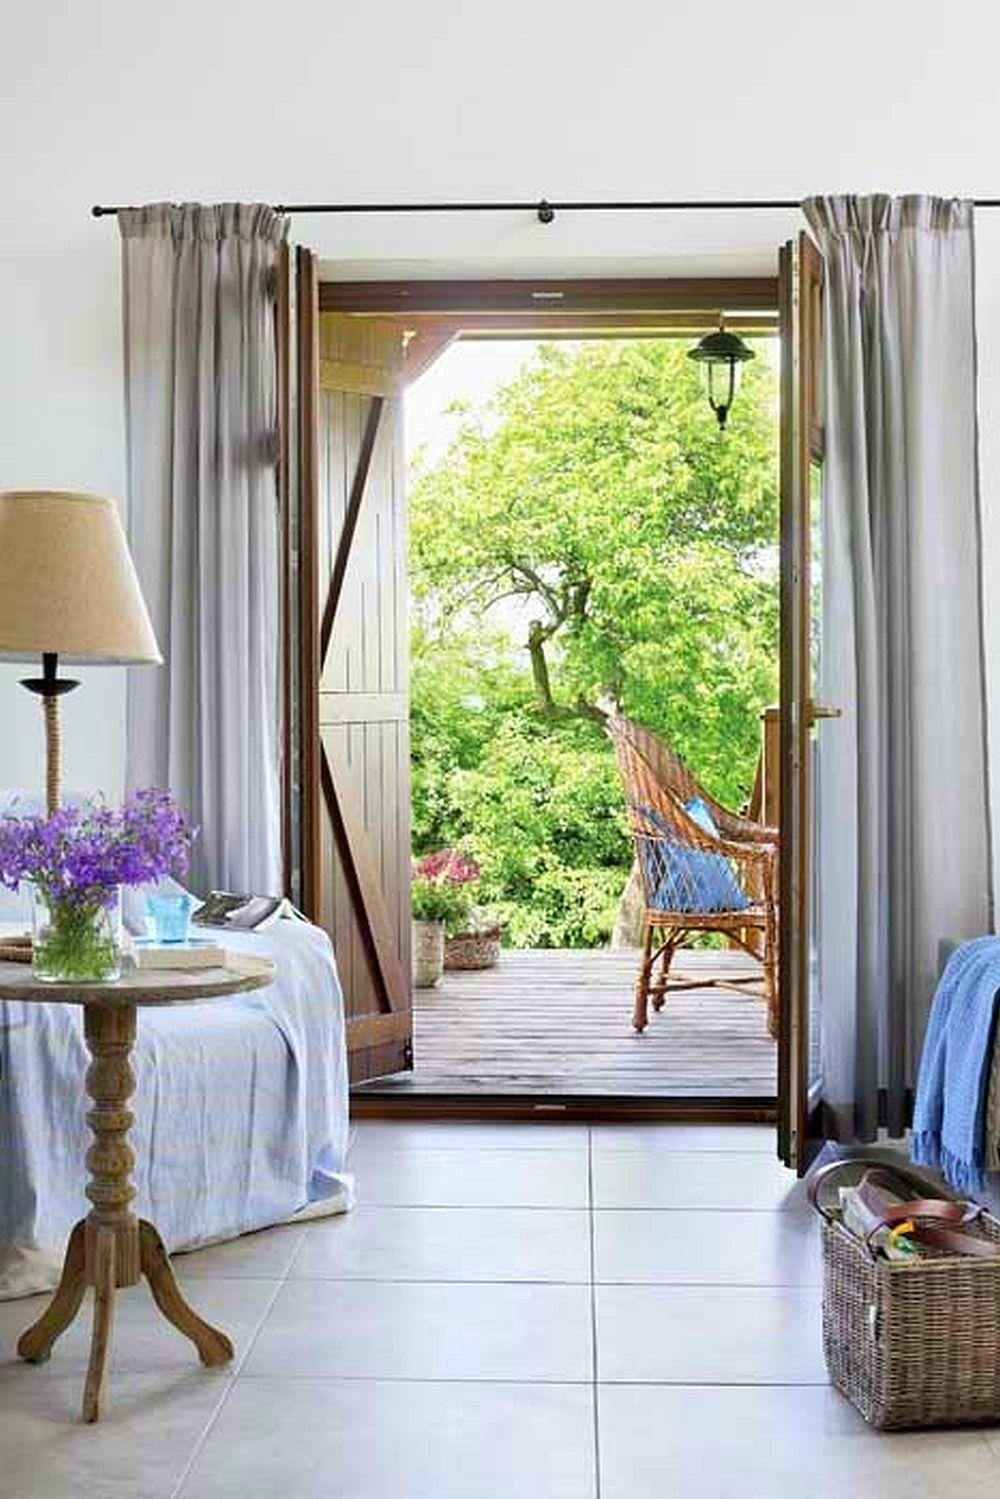 adelaparvu.com despre casa cu exterior rustic, interior modern, amenajare scandinava, casa Polonia, Foto Aneta Tryczynska (6)